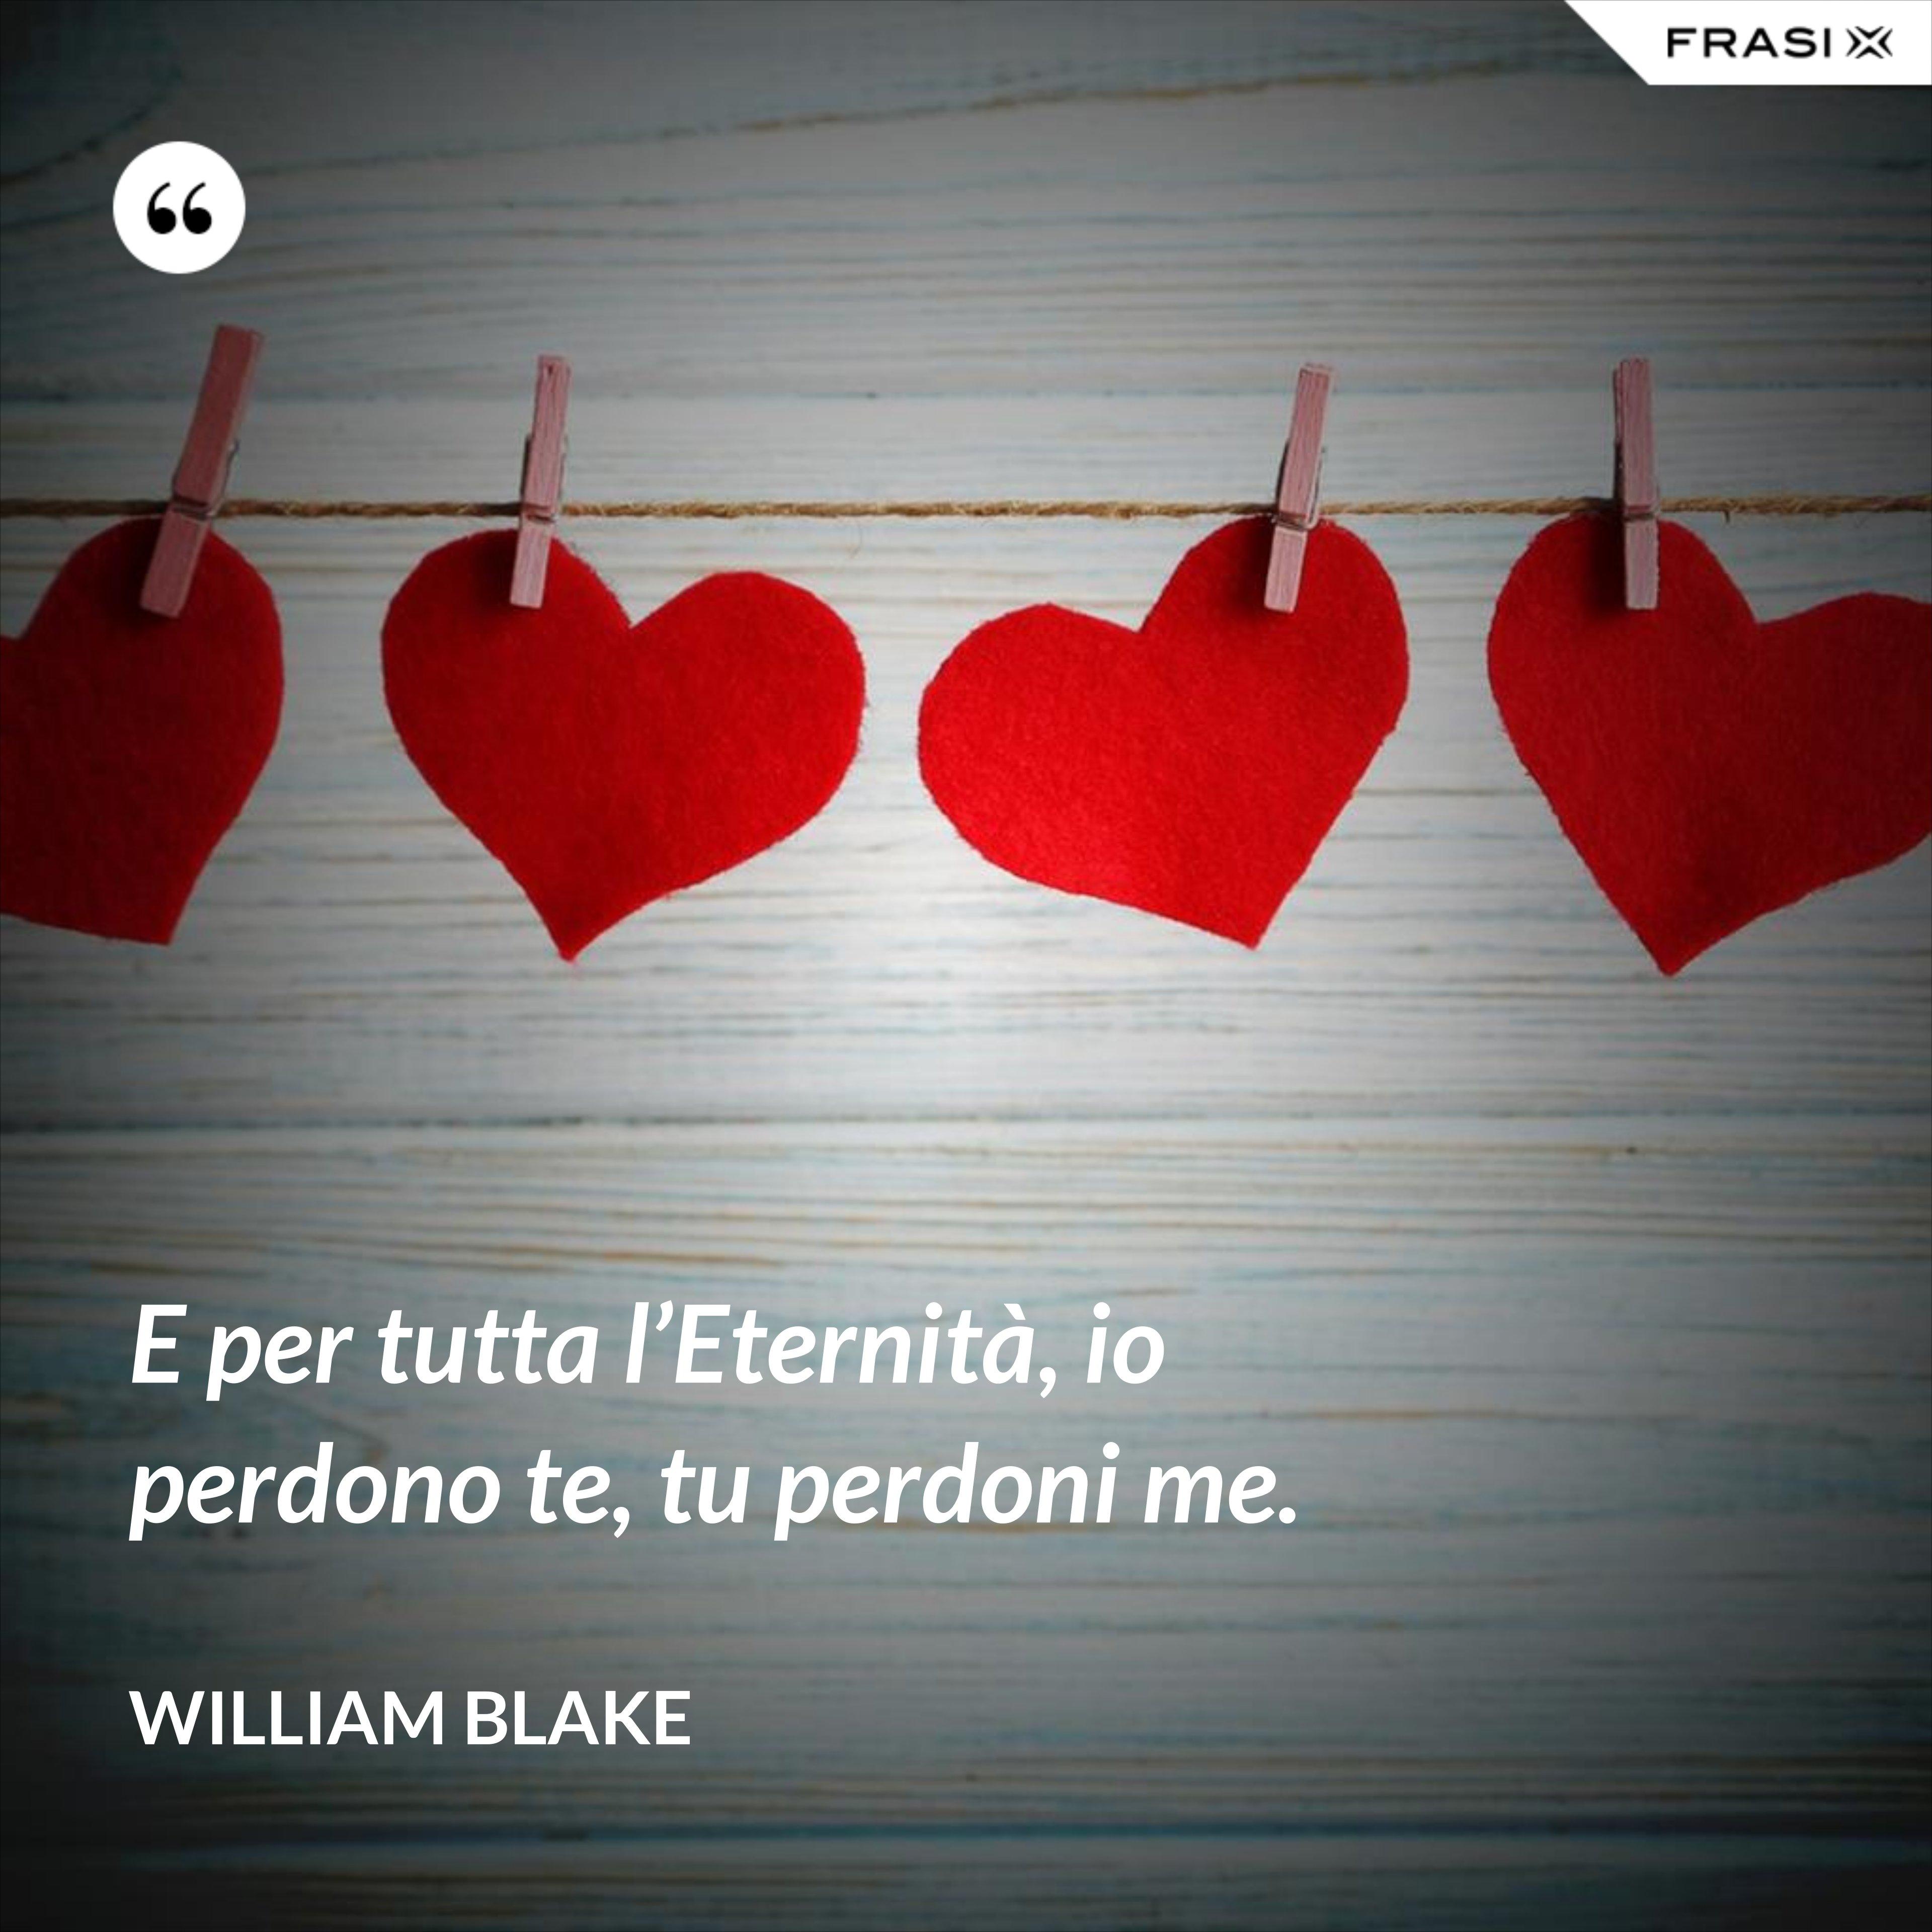 E per tutta l'Eternità, io perdono te, tu perdoni me. - William Blake